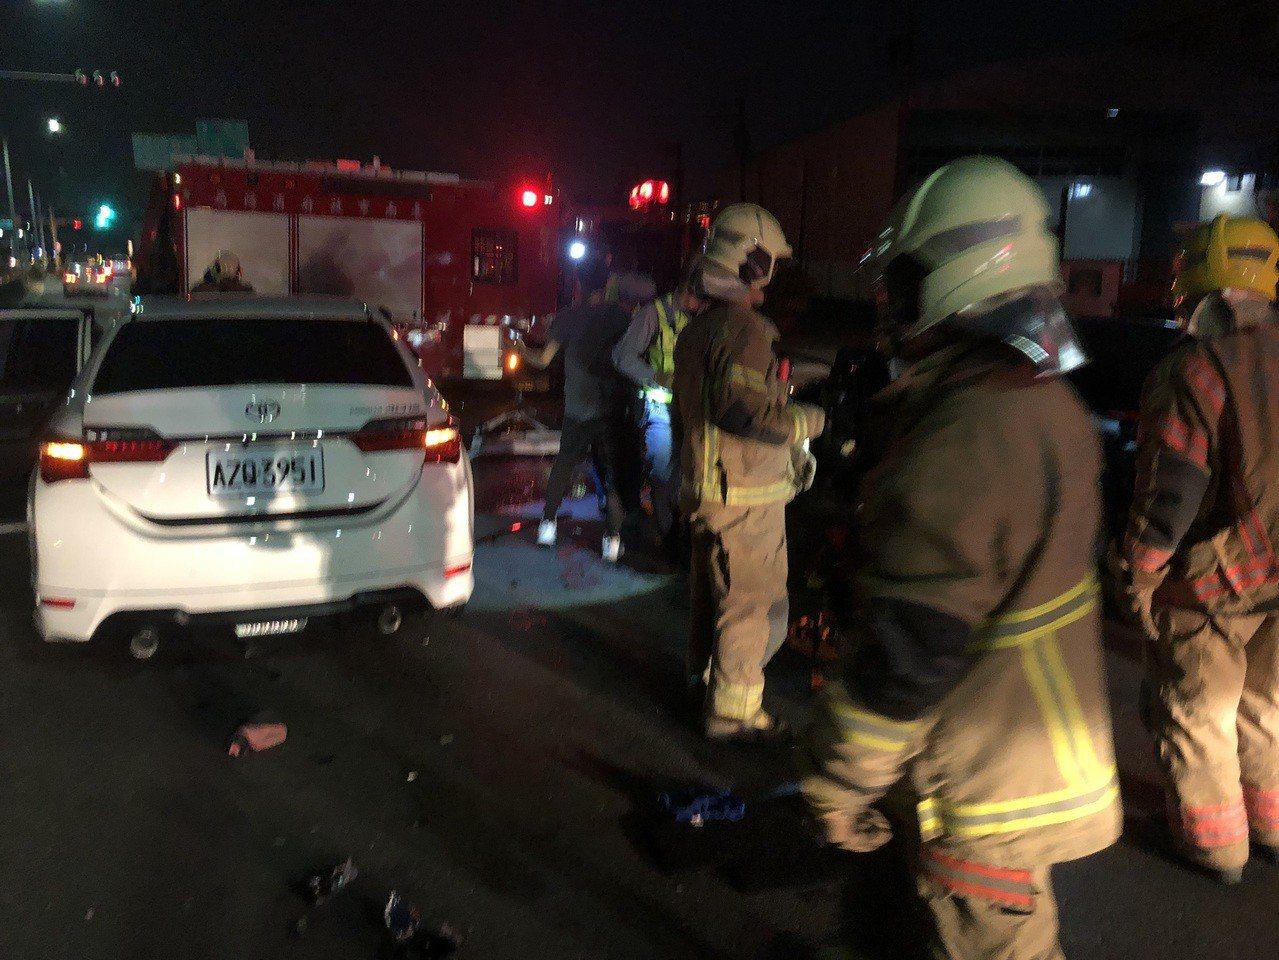 台南市新化區晚上7點發生一起3車連環車禍,造成1死3傷的意外。記者綦守鈺/翻攝